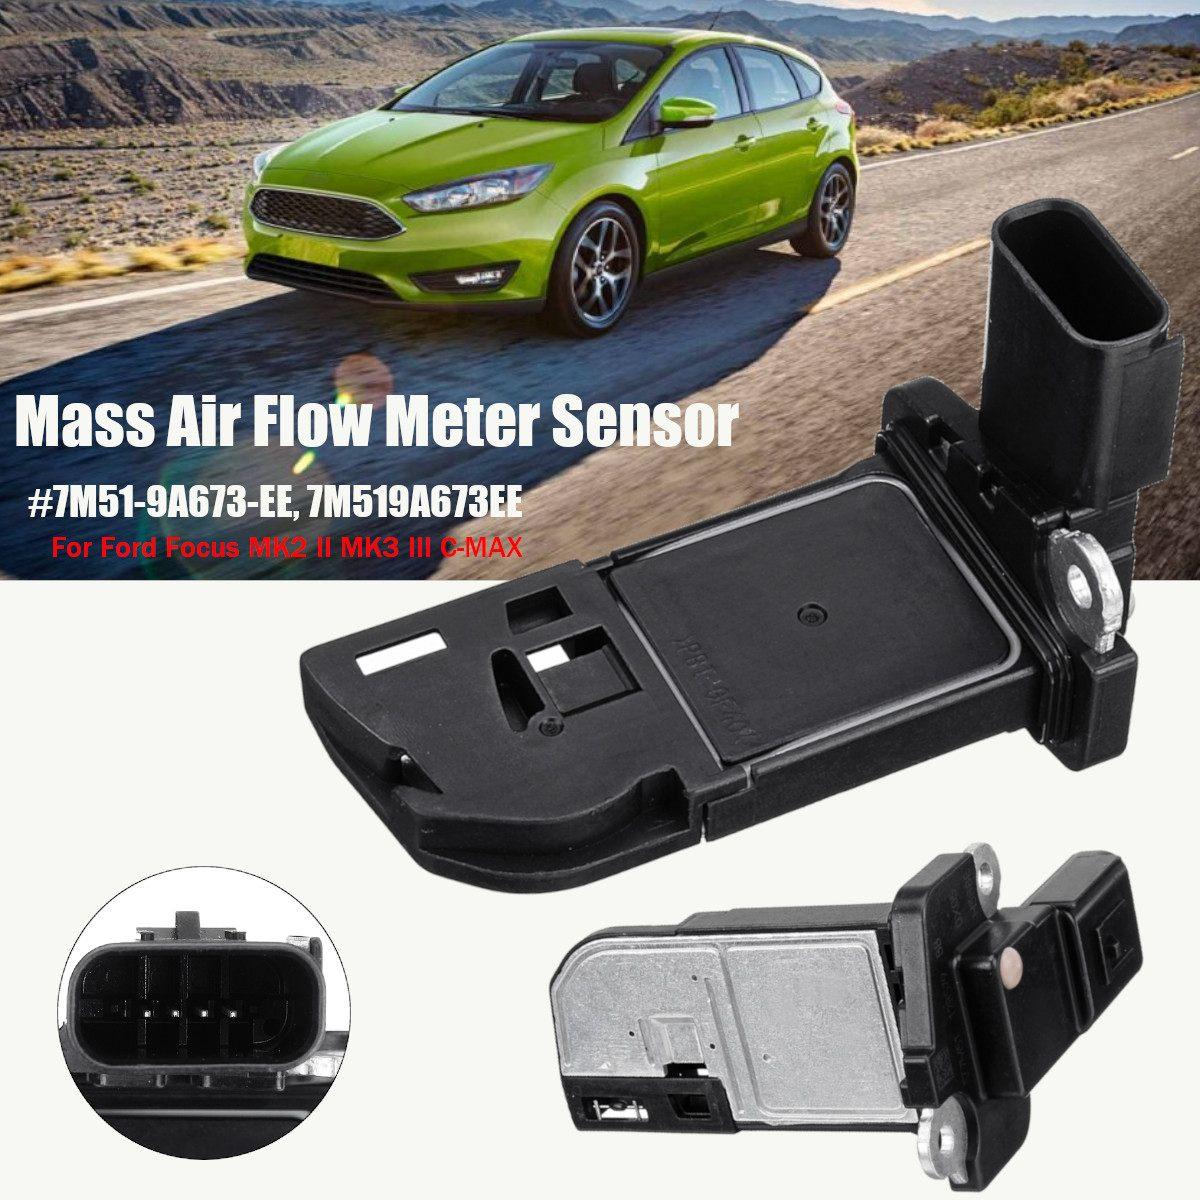 Otomobiller ve Motosikletler'ten Hava Akış Ölçer'de Kütle Hava Akış Ölçer Sensörü 7M51 9A673 EE/7M519A673EE/7M51 12B579 BB Ford Focus için MK2 II MK3 III C MAX 1.6 2.0 TDCI title=